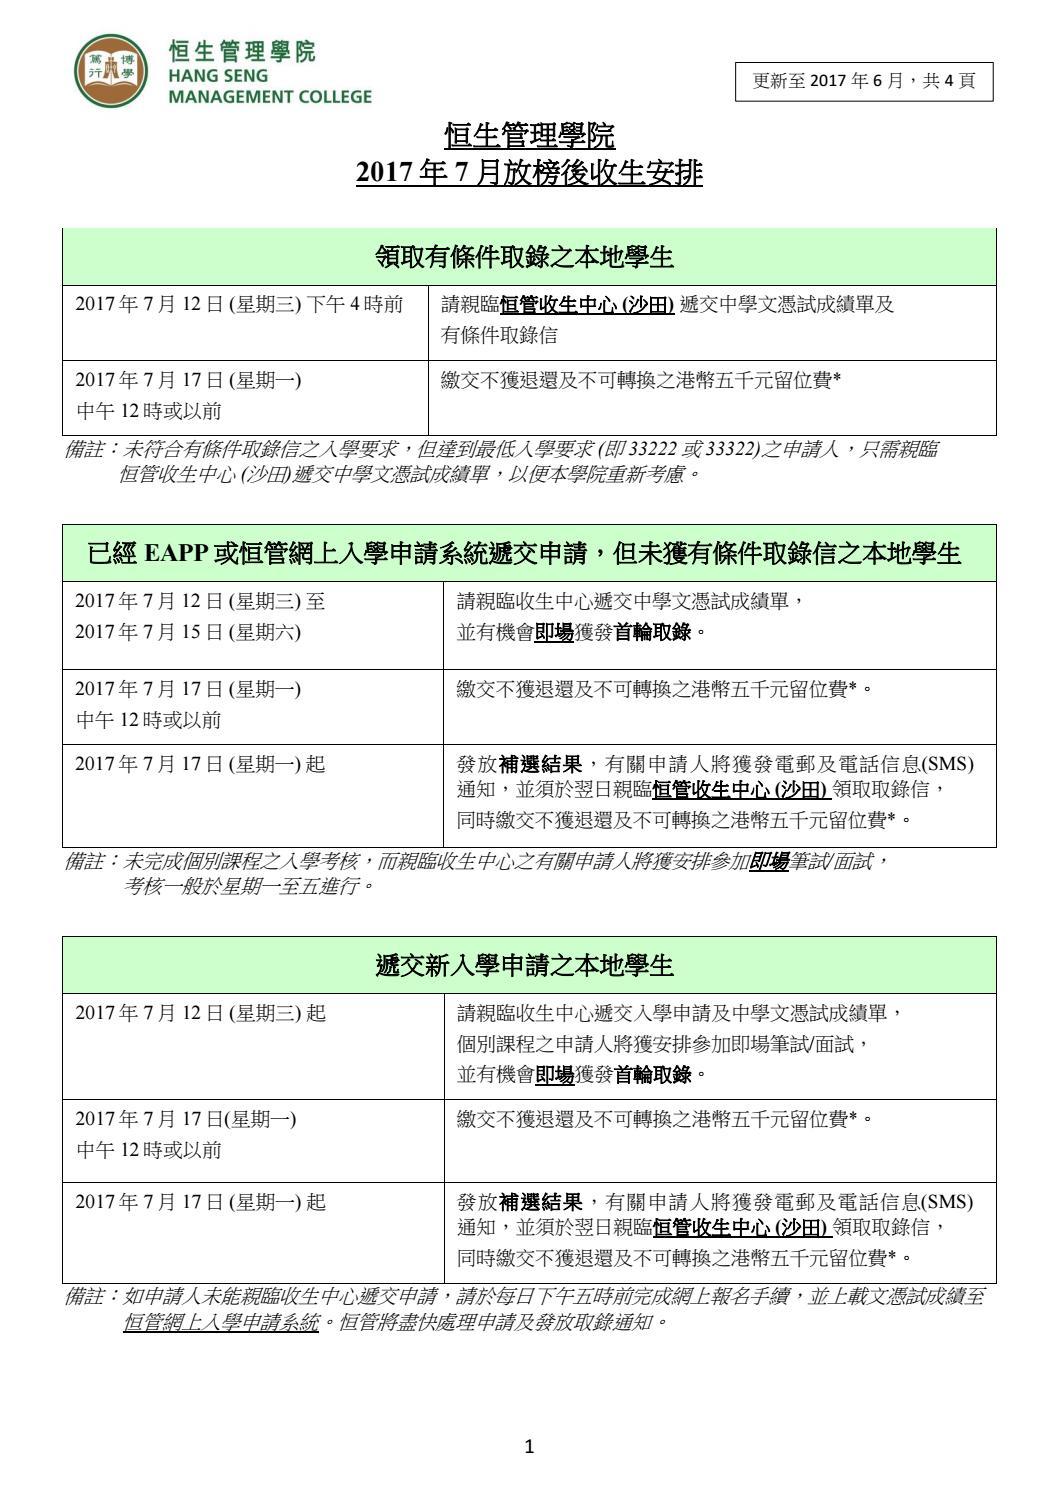 2017年7月恒管收生安排及收生中心 by HSMC Registry - Issuu